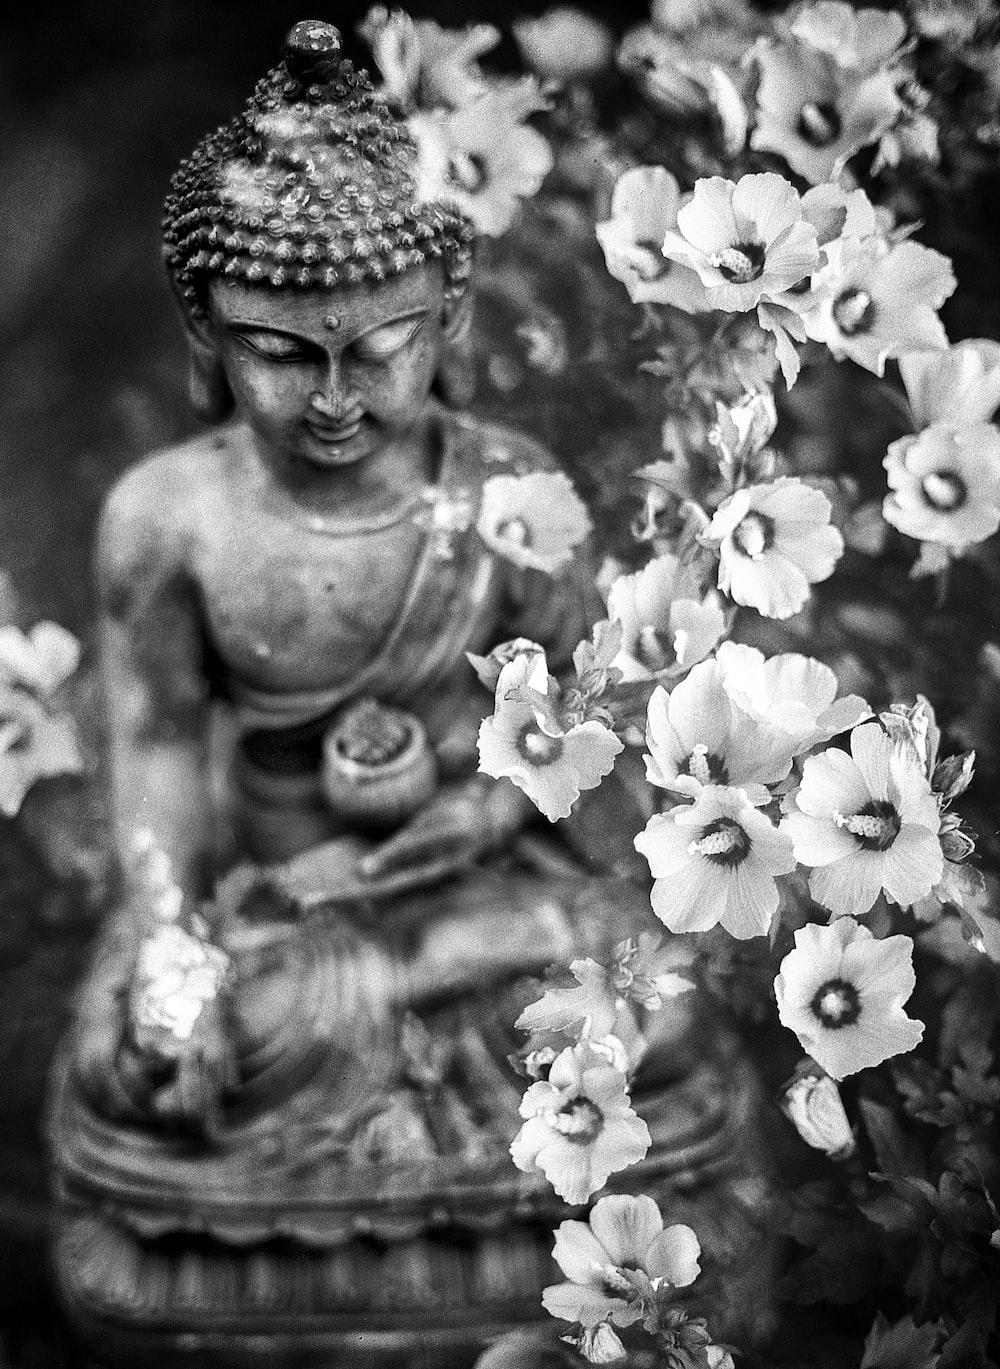 Gautama Buddha statue